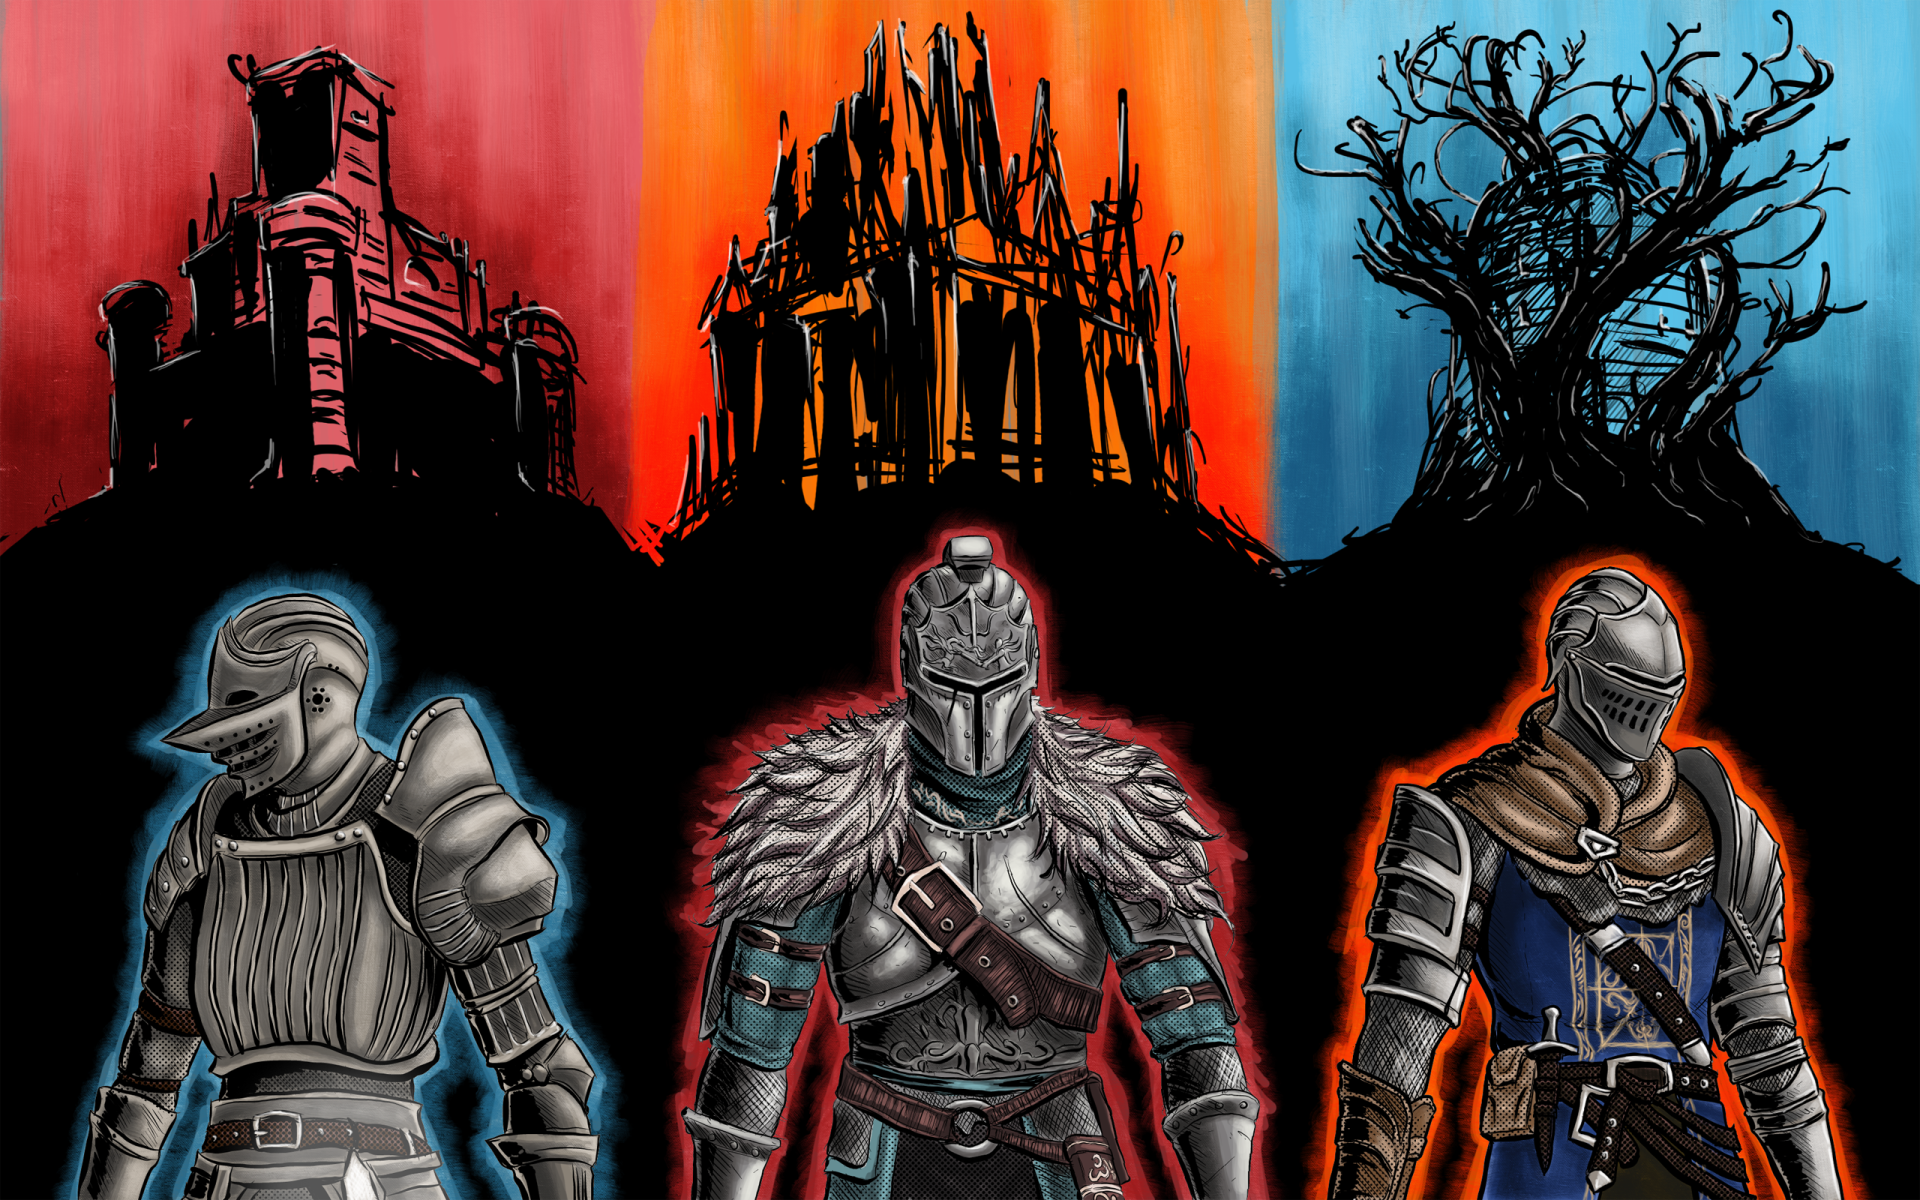 电子游戏 - 黑暗之魂  黑暗之魂2 黑暗之魂3 壁纸